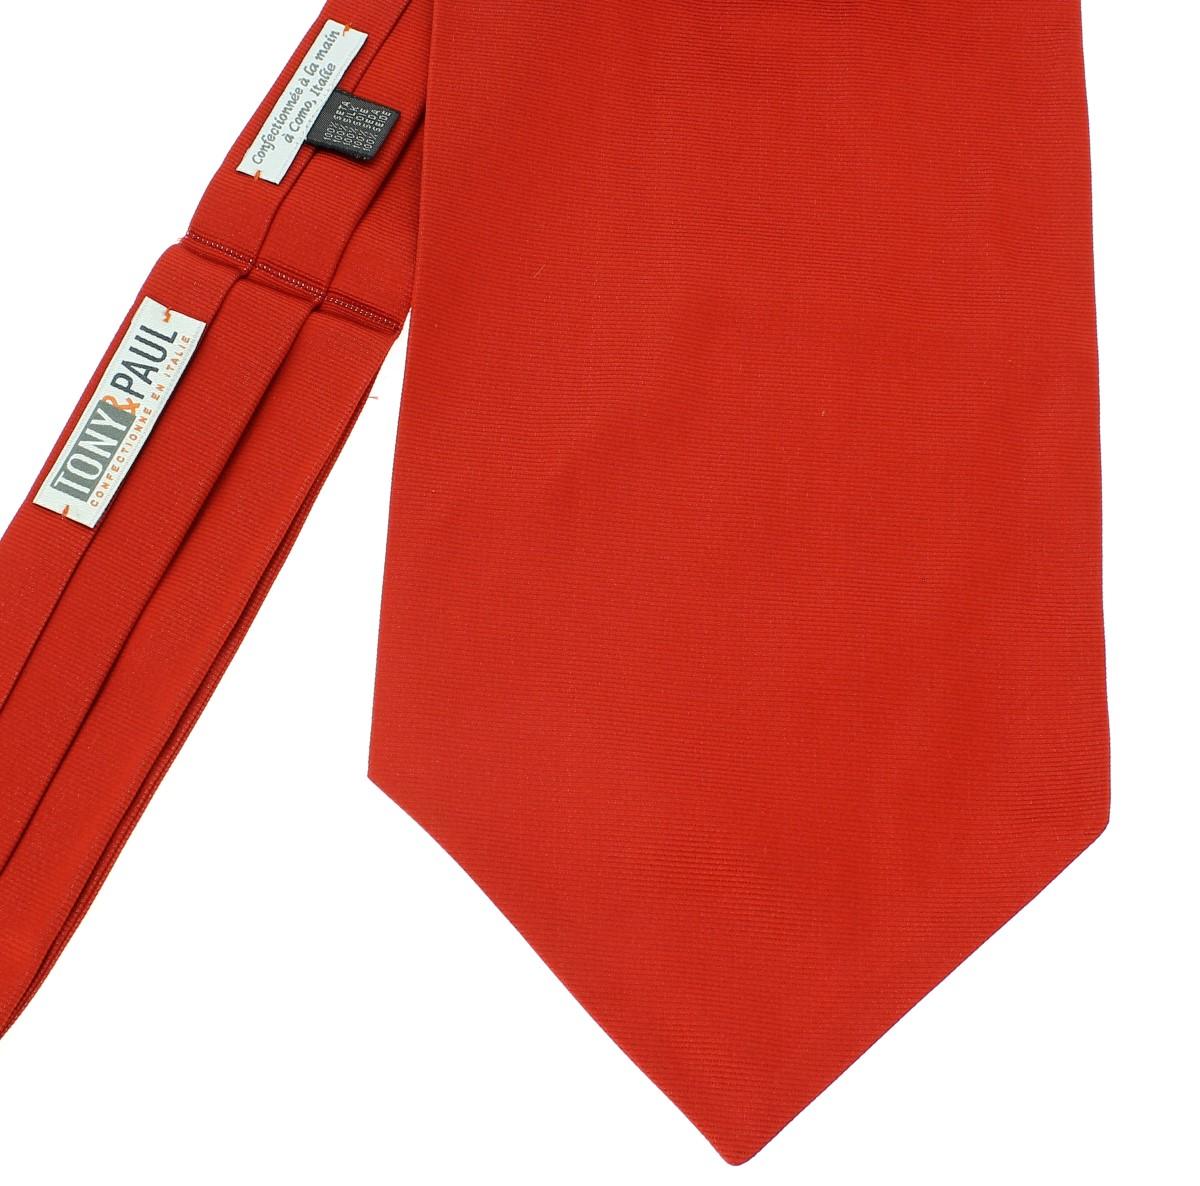 feb040f533305 Cravate Ascot en soie, Rouge Geraneo, Fait à la main